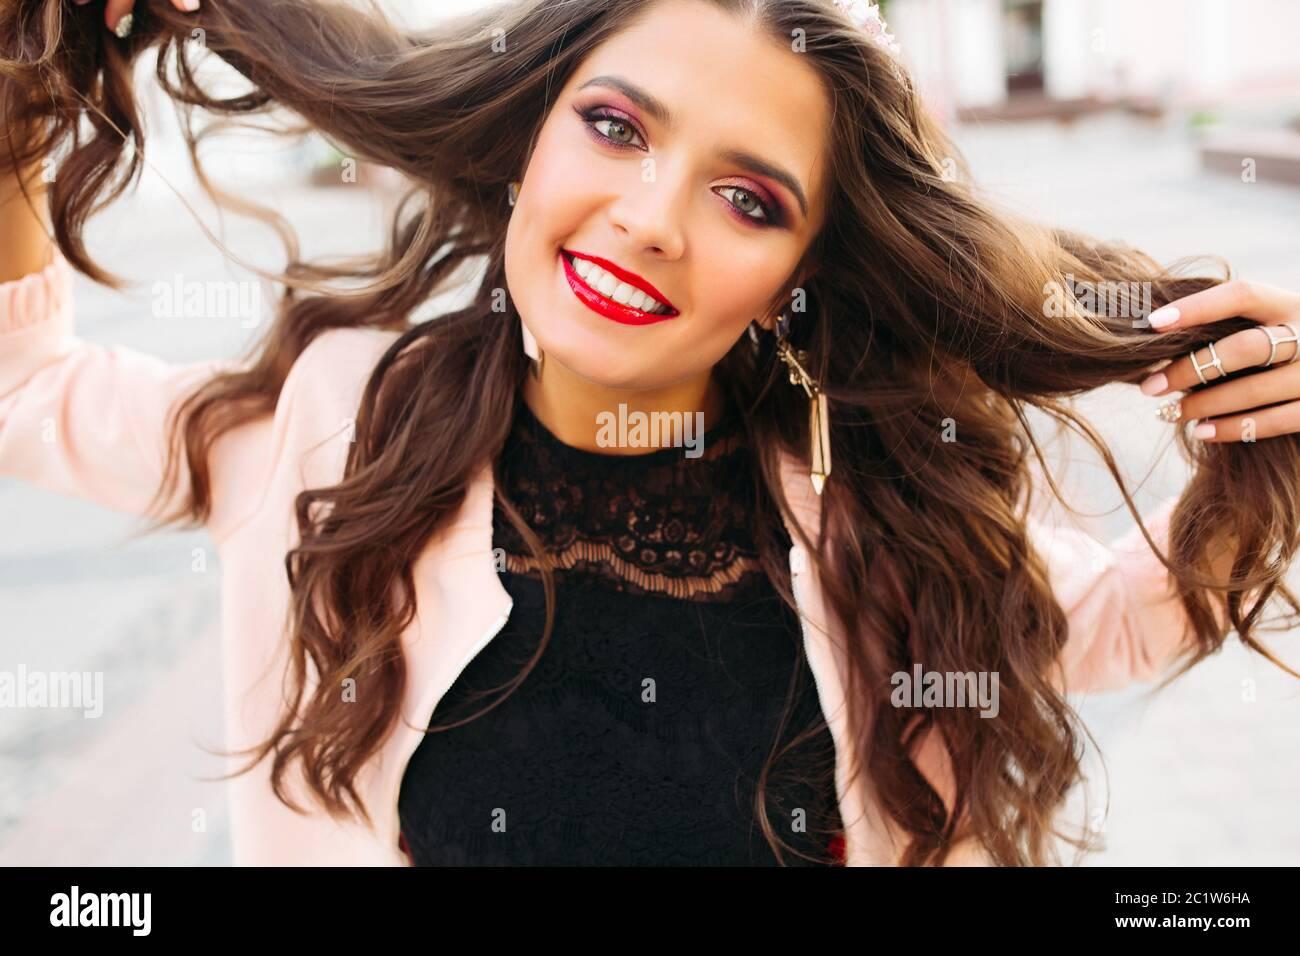 Hermosa morenita chica con brillantes componen sosteniendo su cabello y sonriendo a la cámara. Foto de stock